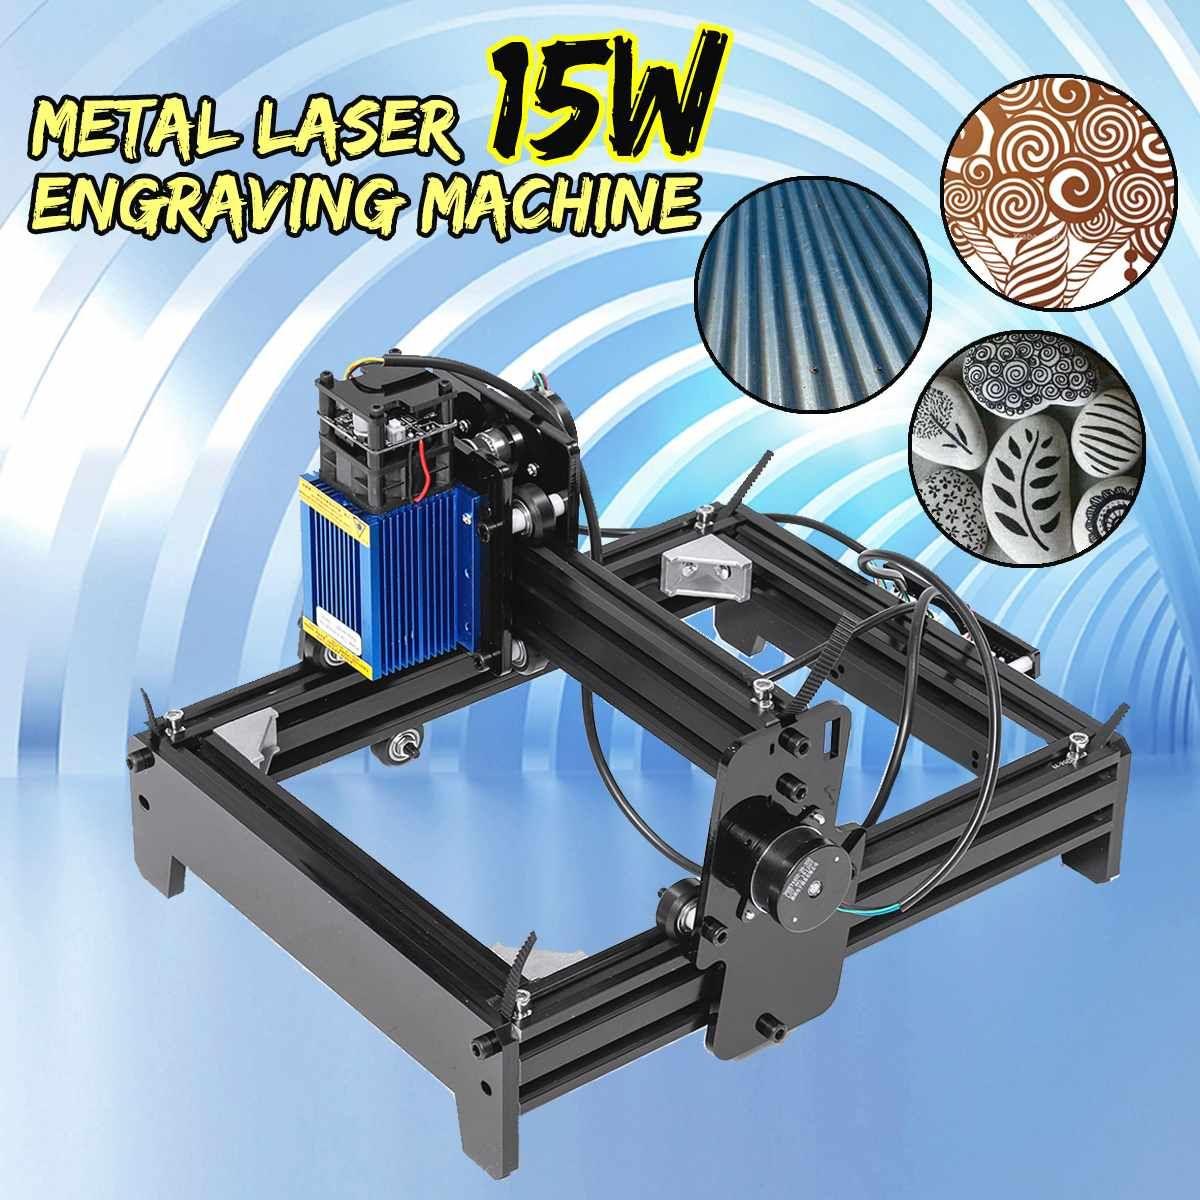 10 W/12 W/15 W 15000 mW Hohe Präzision Laser Gravur Maschine Metall Holz Kennzeichnung Gravur Hause DIY Logo Drucker Cutter Holz Router